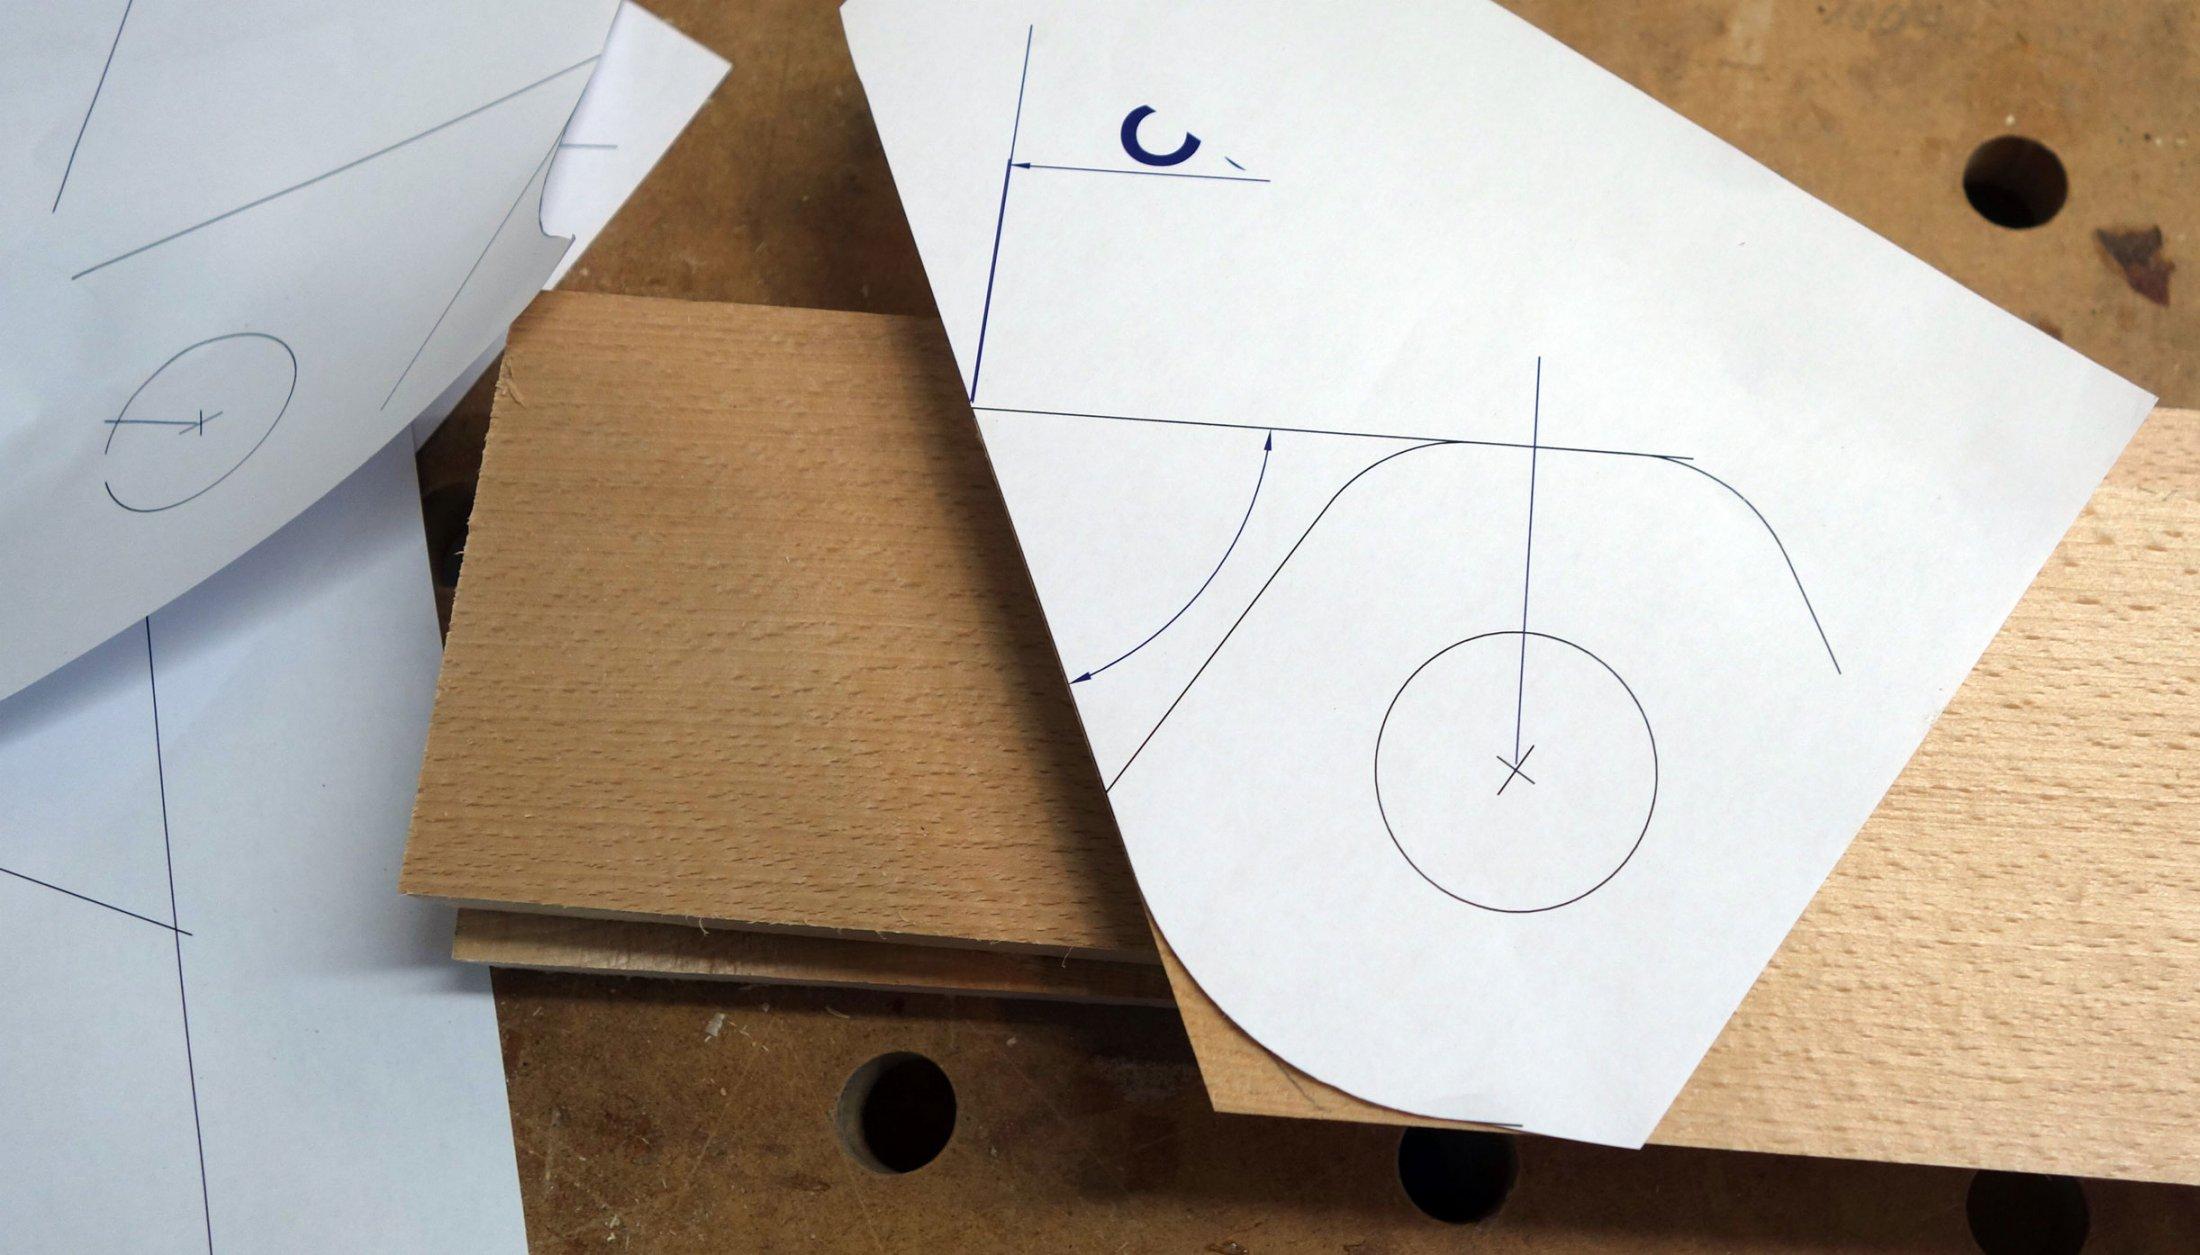 Winkel und Radius der zweiten Fußseite aus einem maßstabsgetreuen Ausdruck angezeichnet